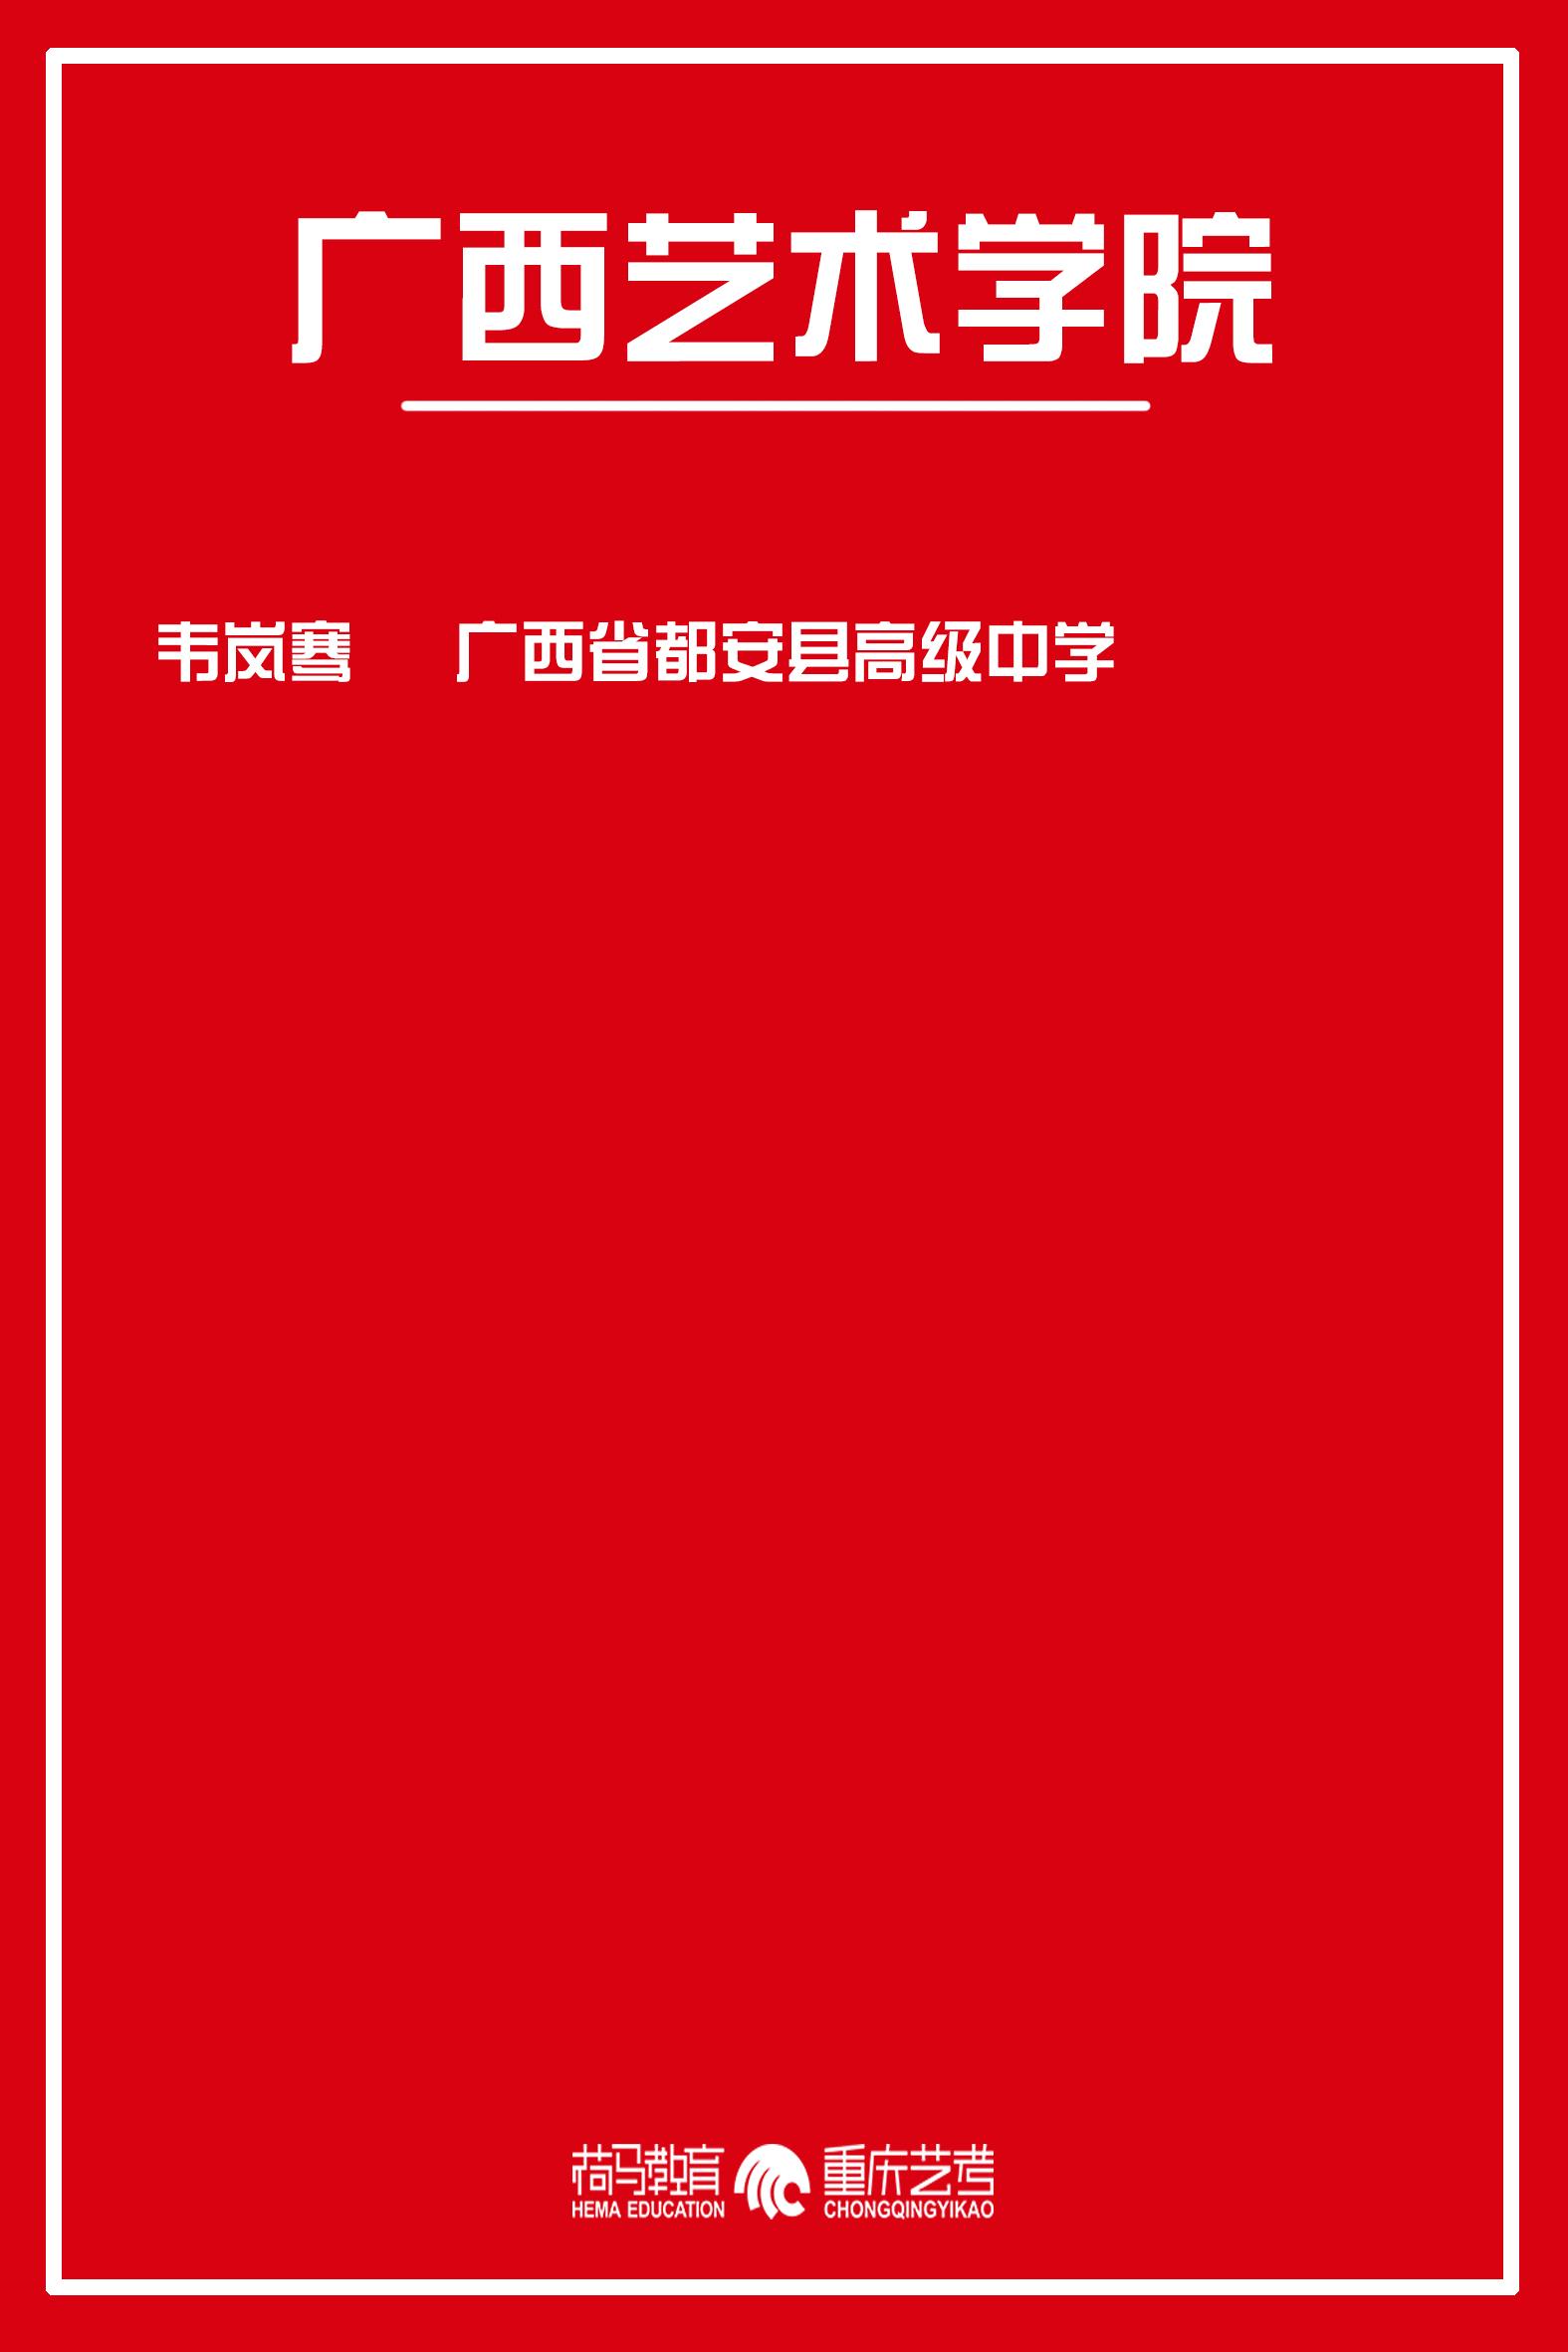 广西艺术学院.jpg